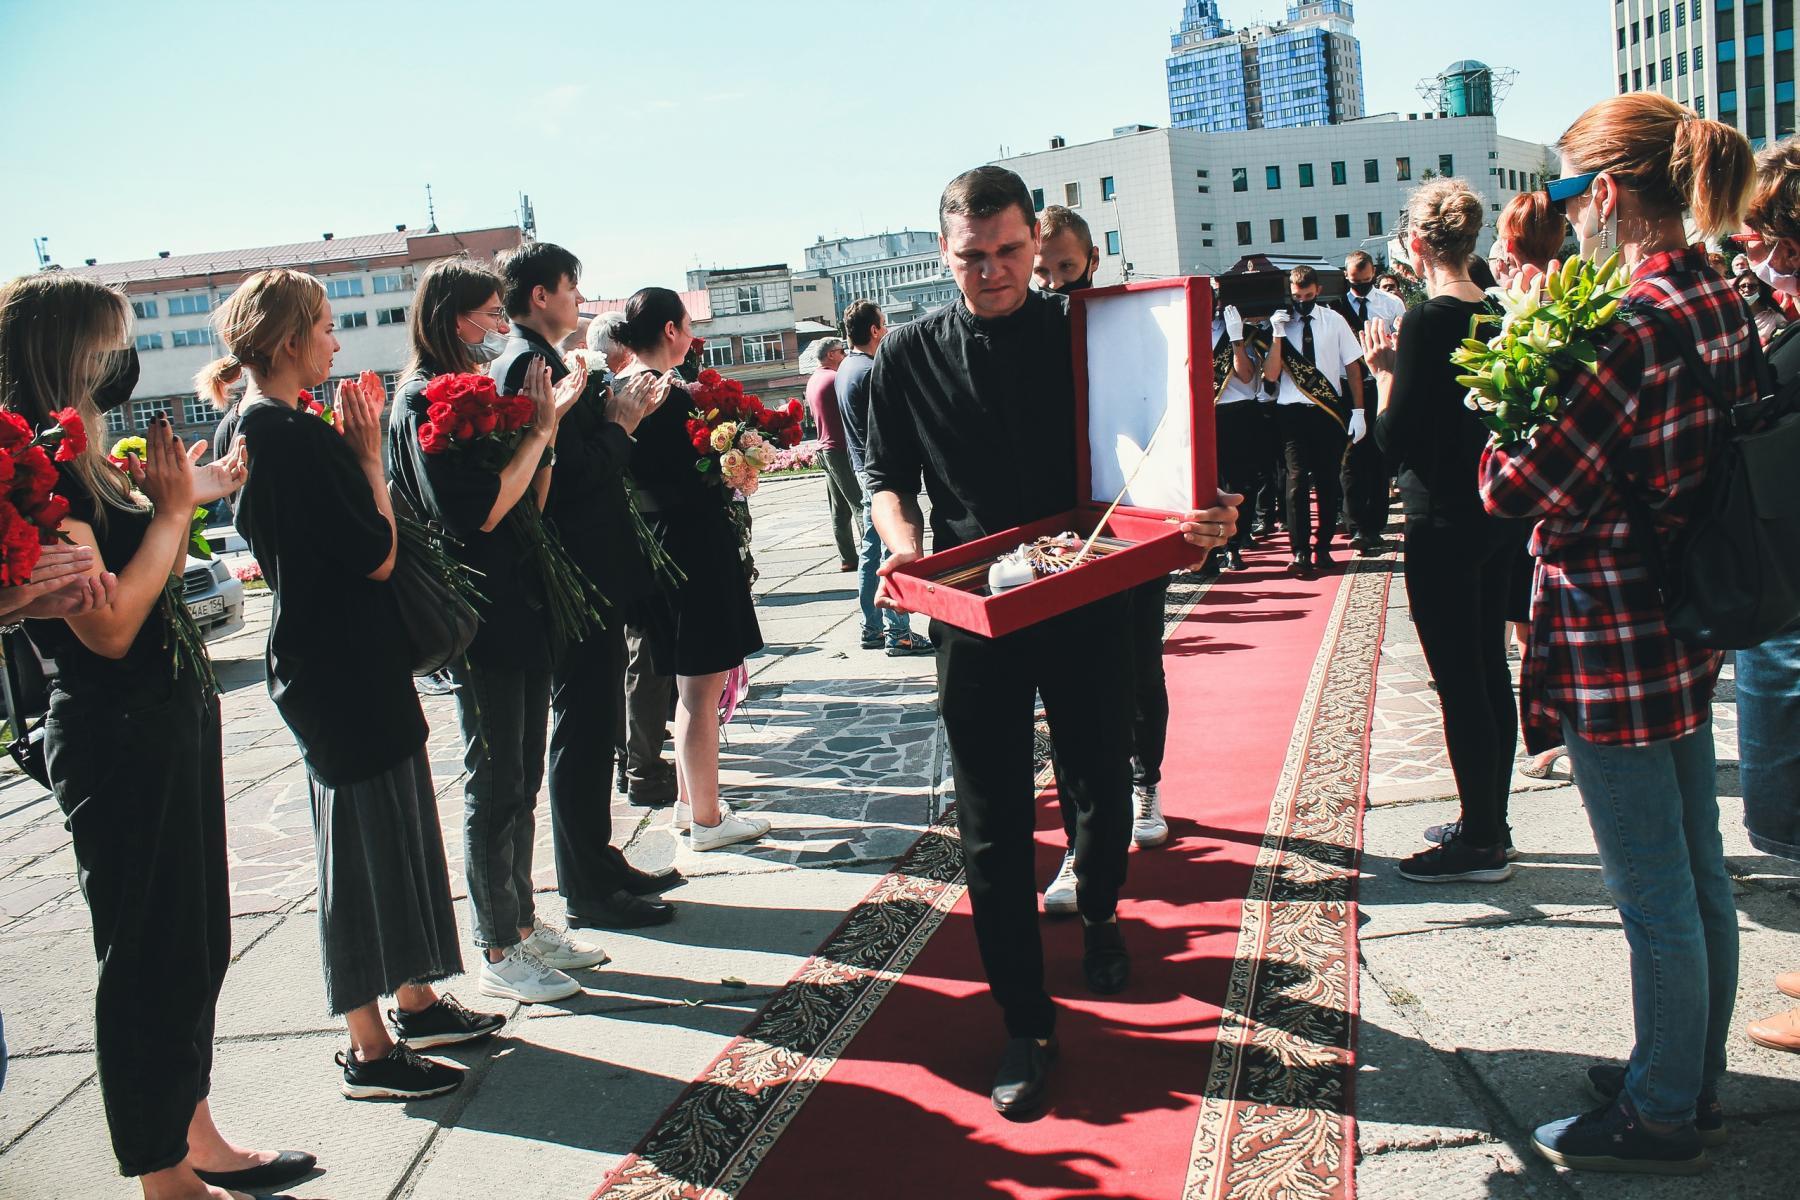 Фото Финальные аплодисменты: как новосибирцы простились с актёром театра «Глобус» Лаврентием Сорокиным (фоторепортаж) 10